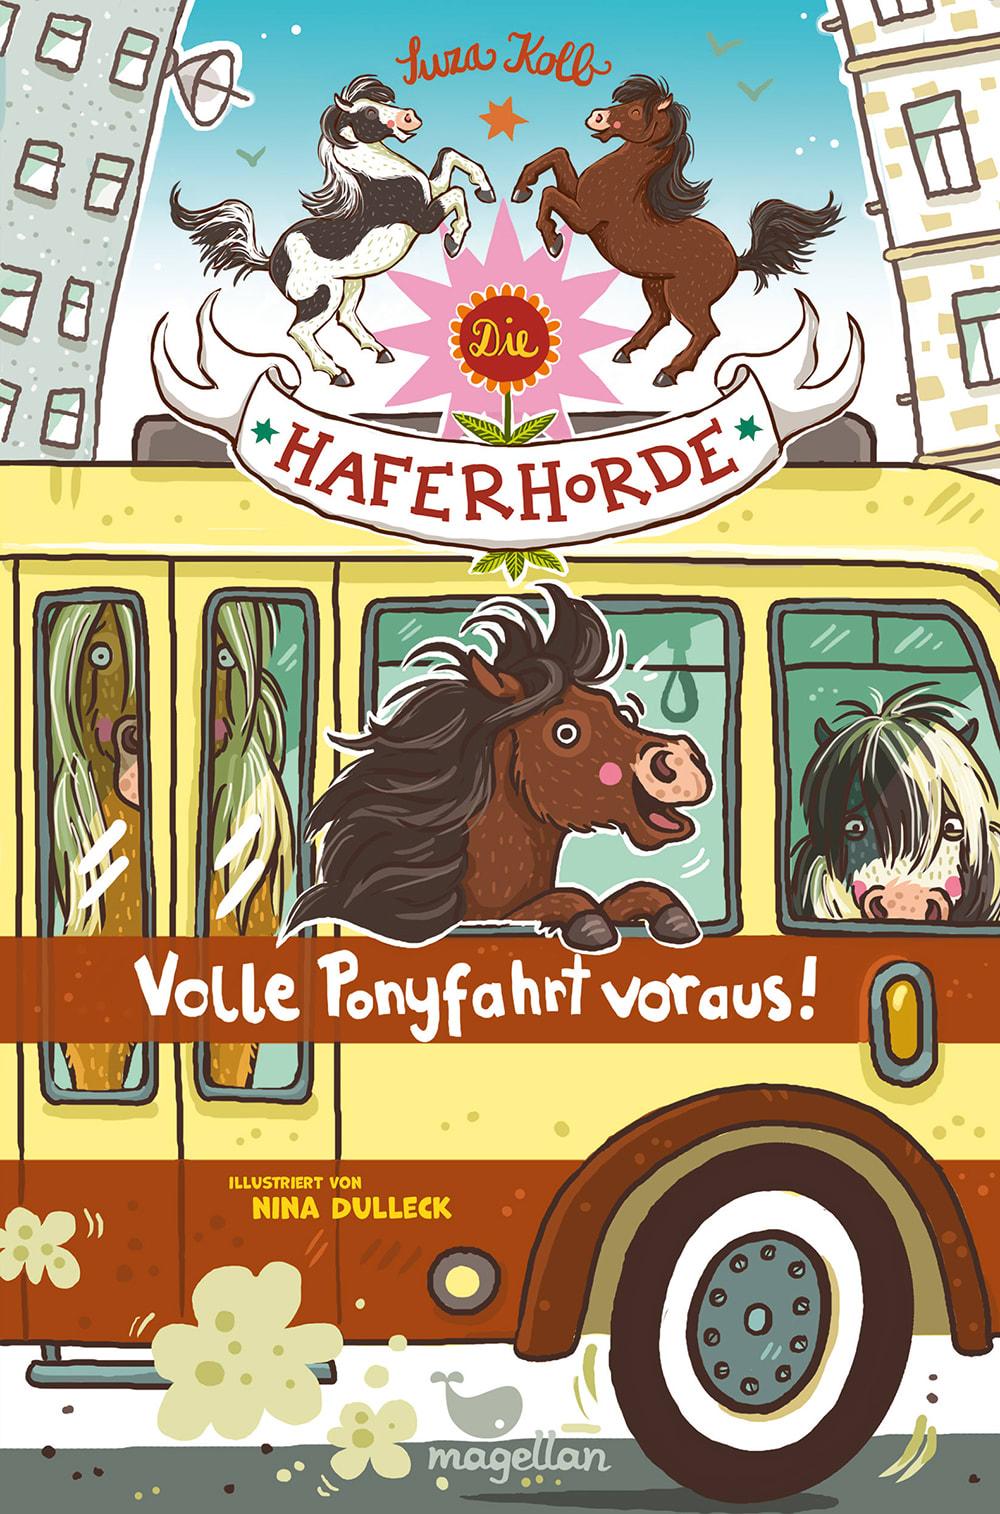 Die Haferhorde - Volle Ponyfahrt voraus!